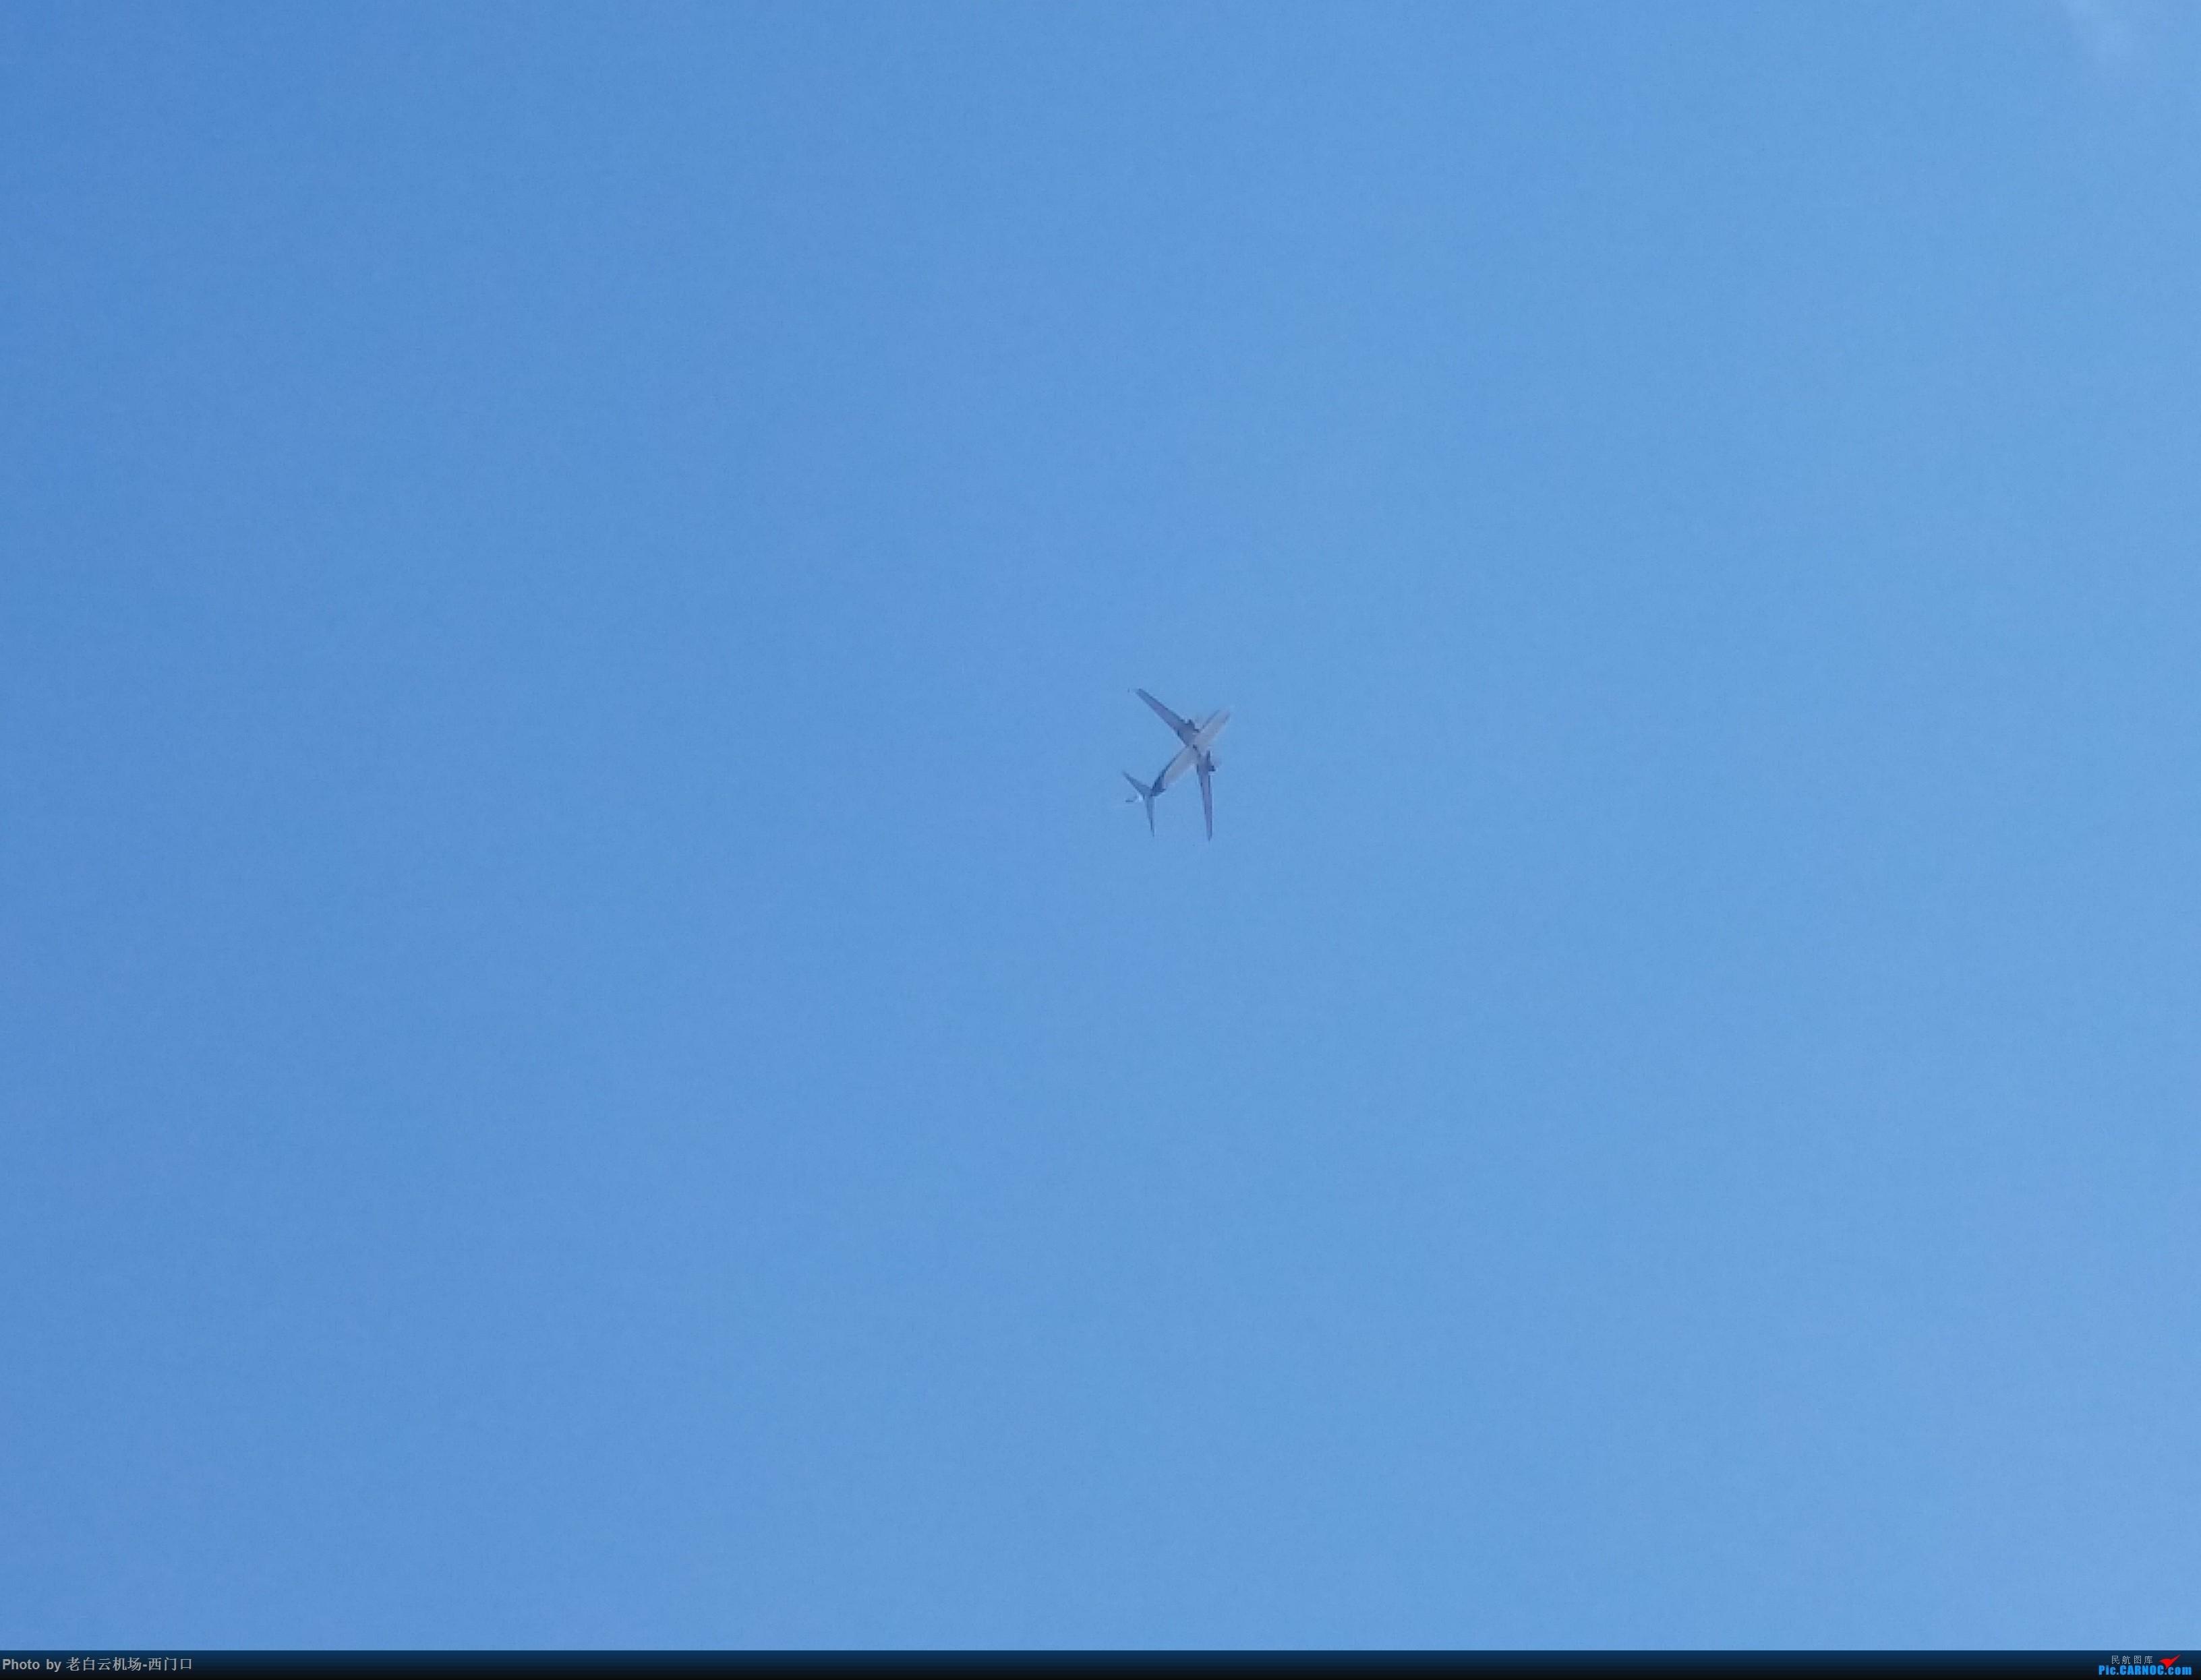 Re:[原创]【梁泽希拍机故事6】2017年第一、第二、第三次拍机和2018年第三次拍机(第二版) AIRBUS A320-200 不明 中国广东省广州市荔湾区西门口广场上空